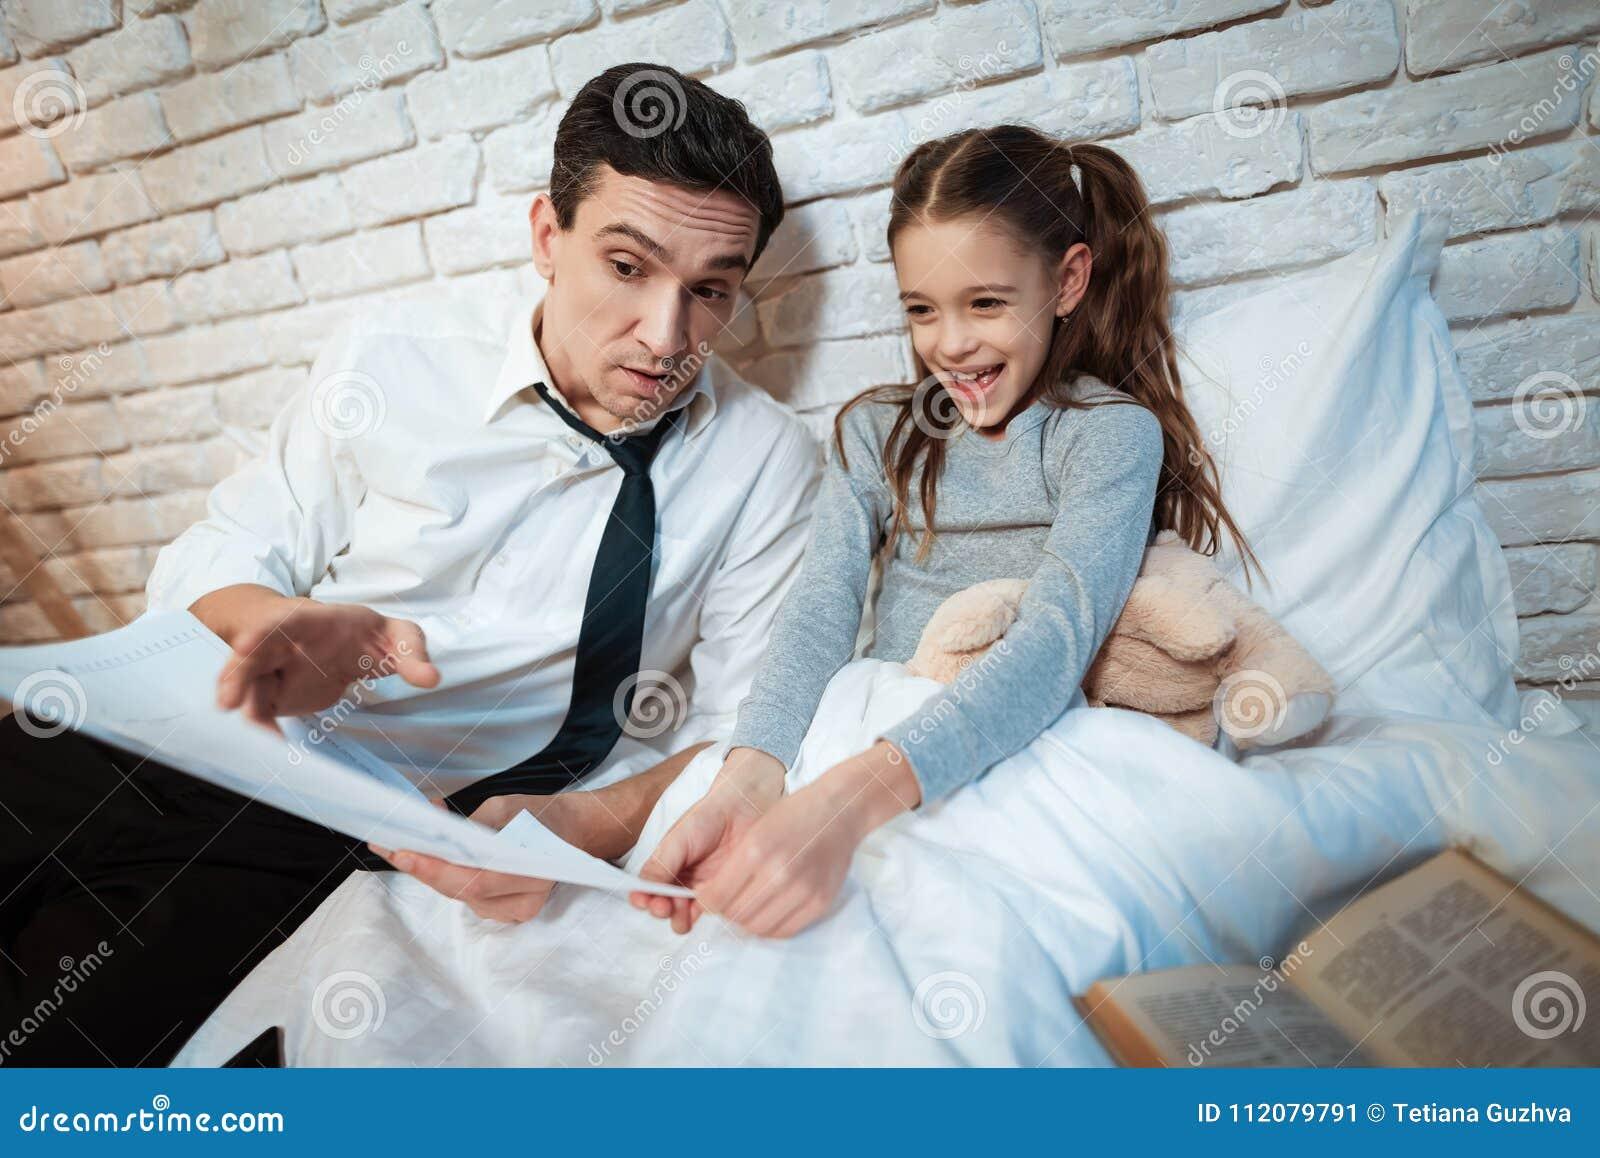 Il giovane padre dice sua figlia circa il suo lavoro L uomo d affari mostra la piccola figlia lui fa